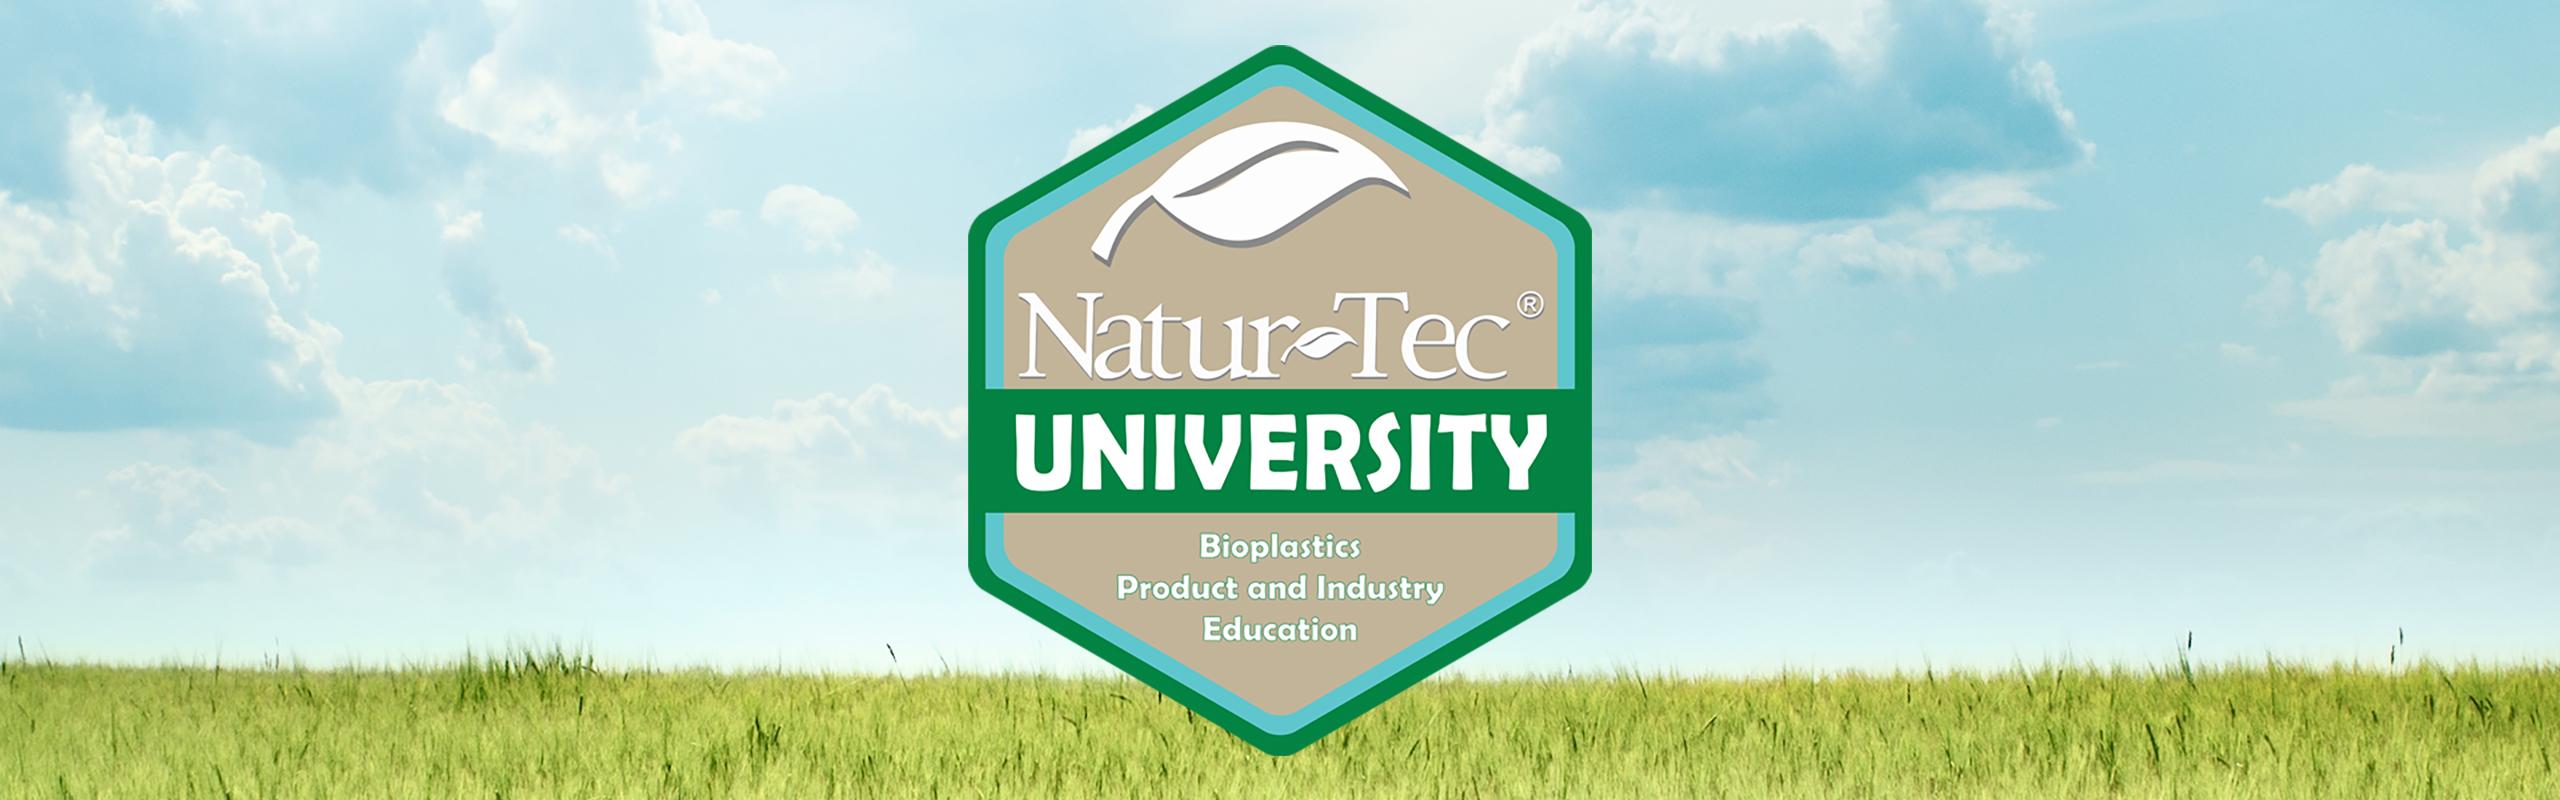 Natur-Tec University